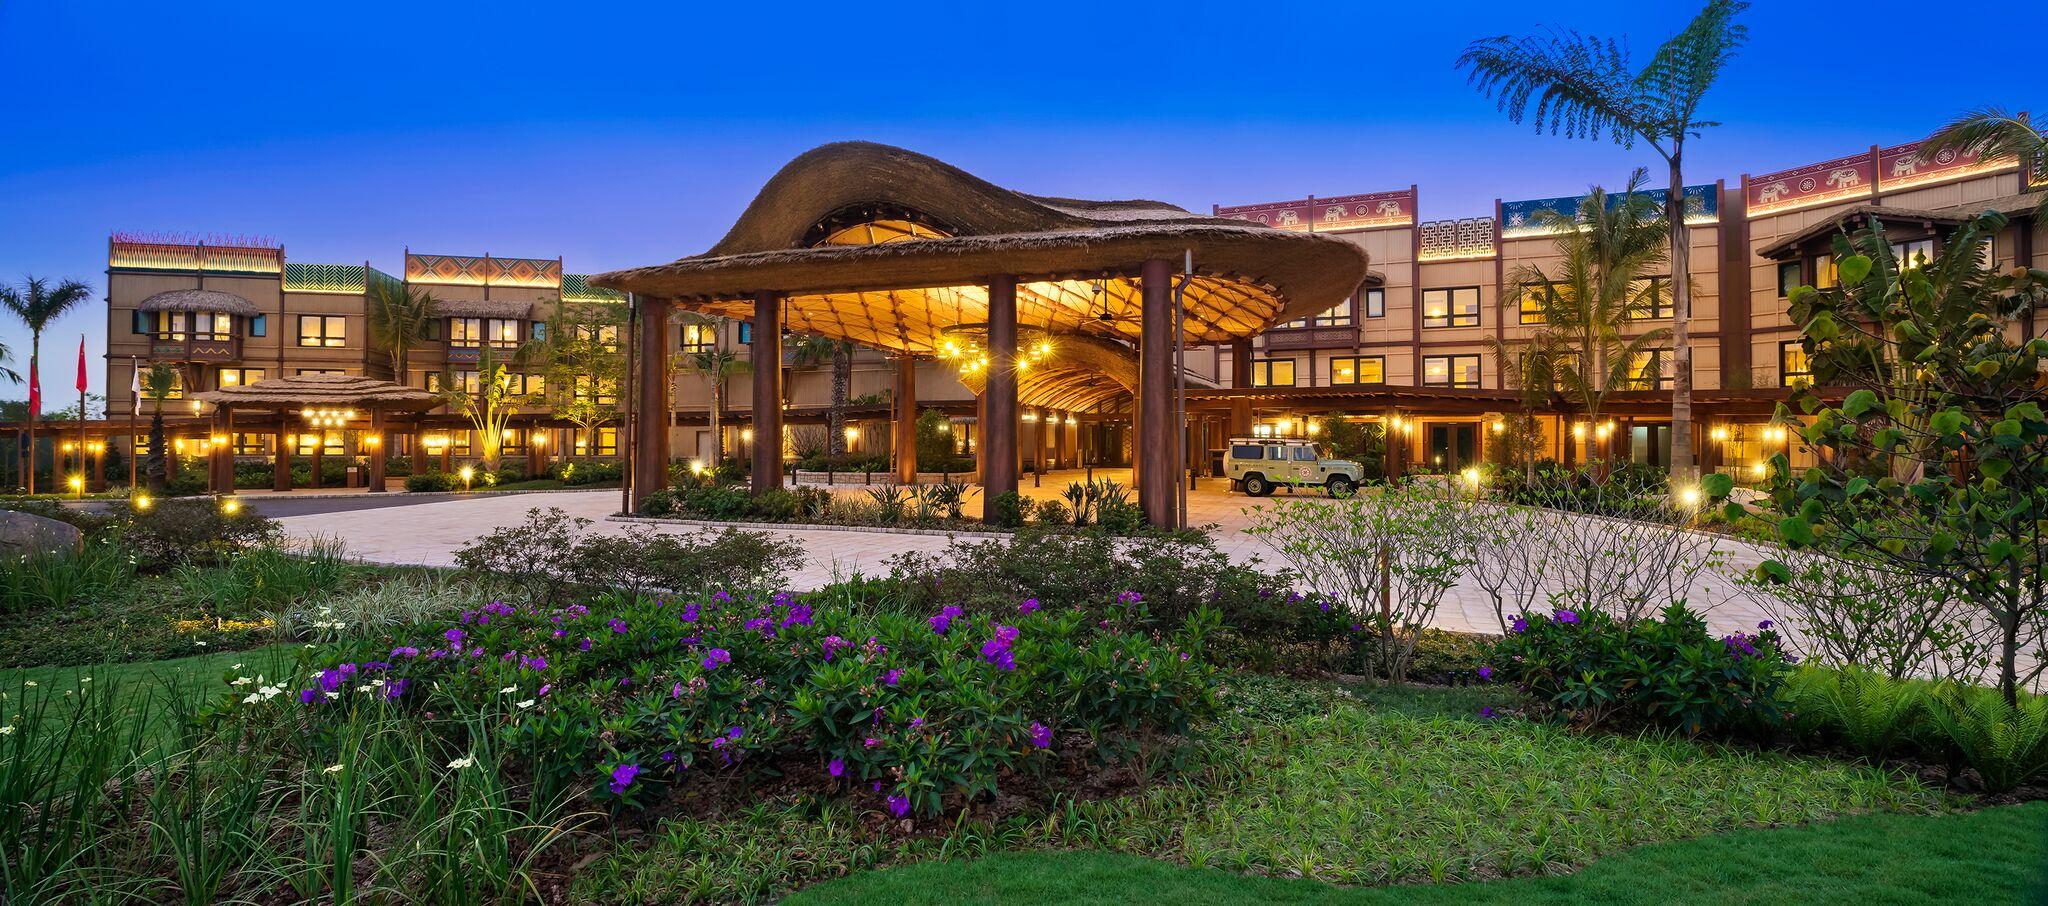 エキゾチックな冒険の世界を堪能できる新しいオフィシャルホテル「ディズニー・エクスプローラーズ・ロッジ」